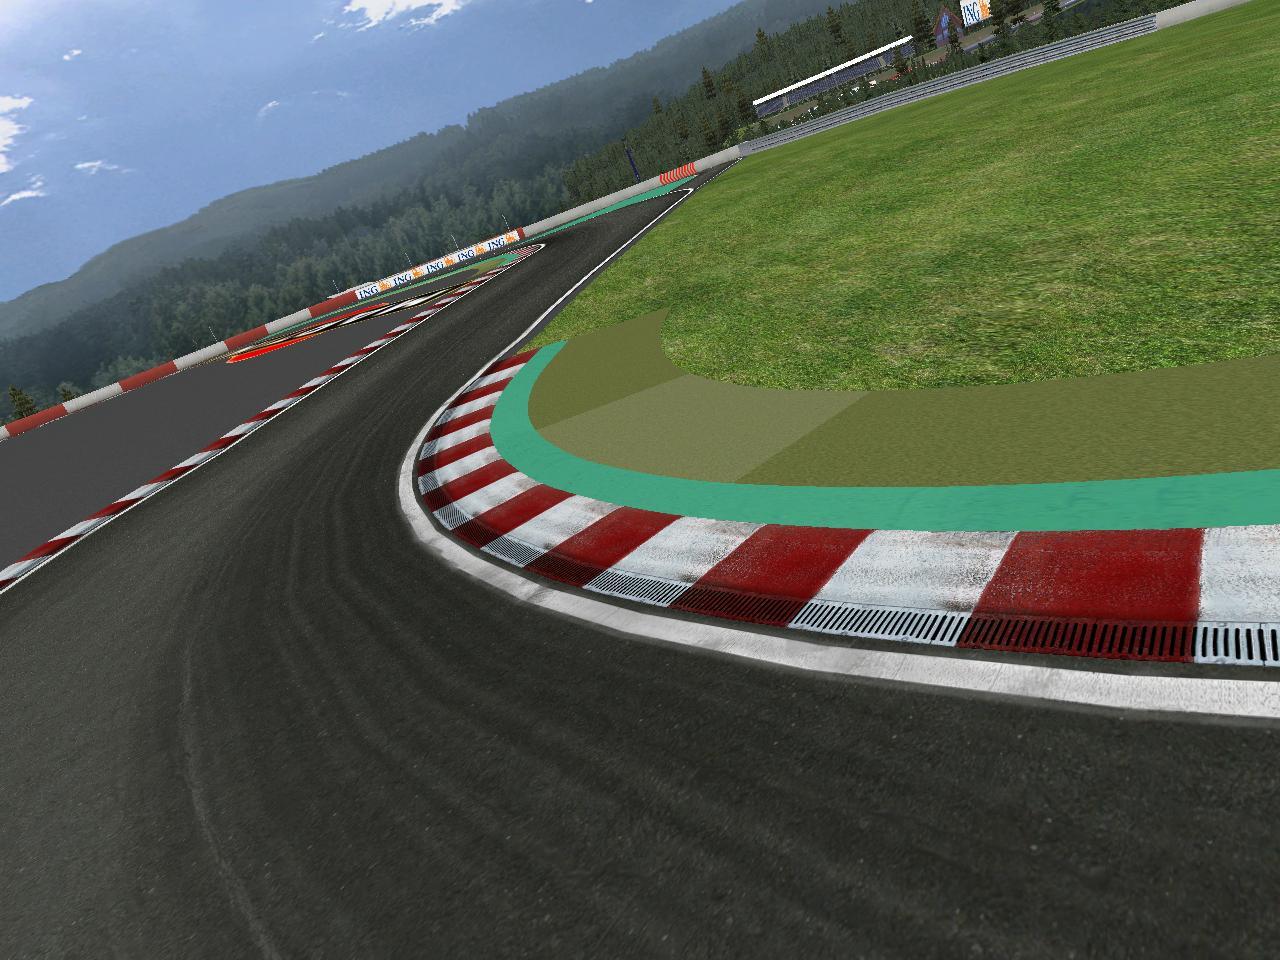 Track Formula 1 wallpaper | 1280x960 | #17991